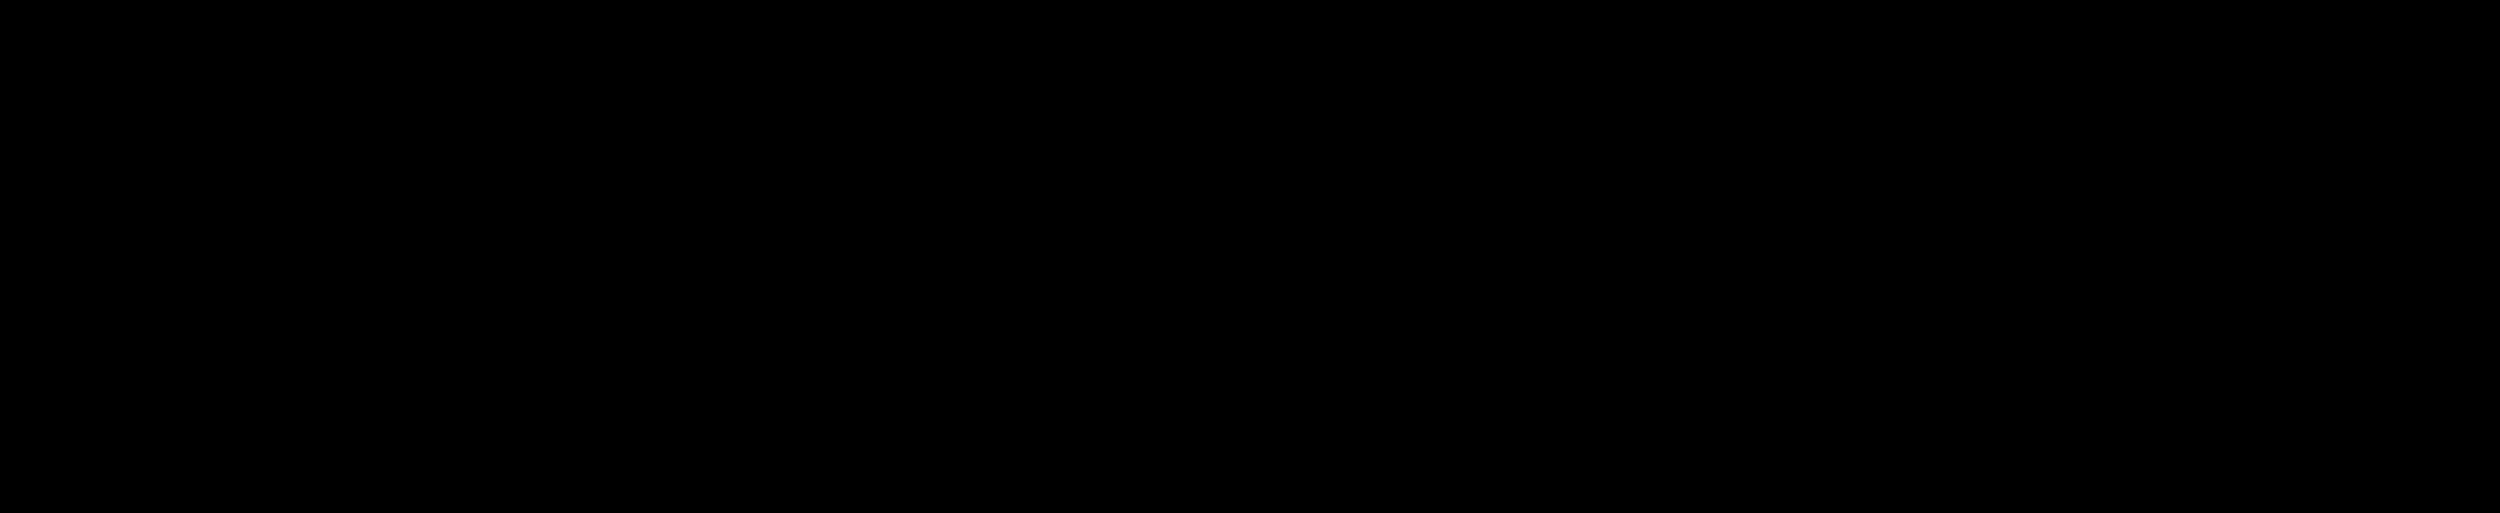 LH_Logo_black_transparentBG.png